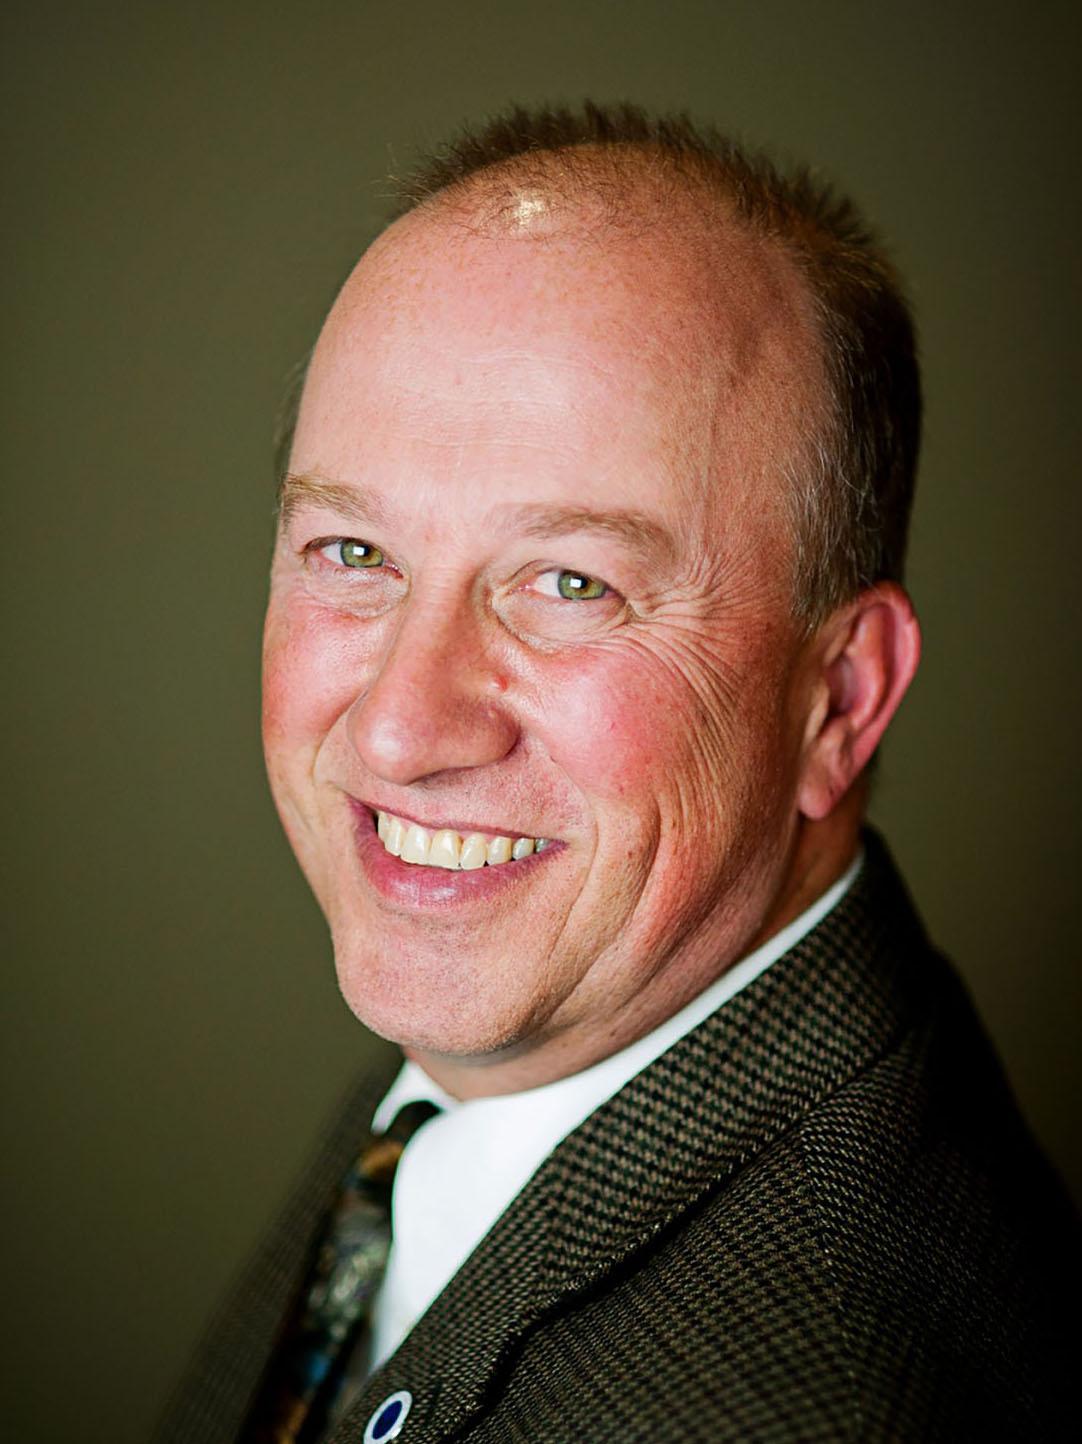 Mike Busdicker